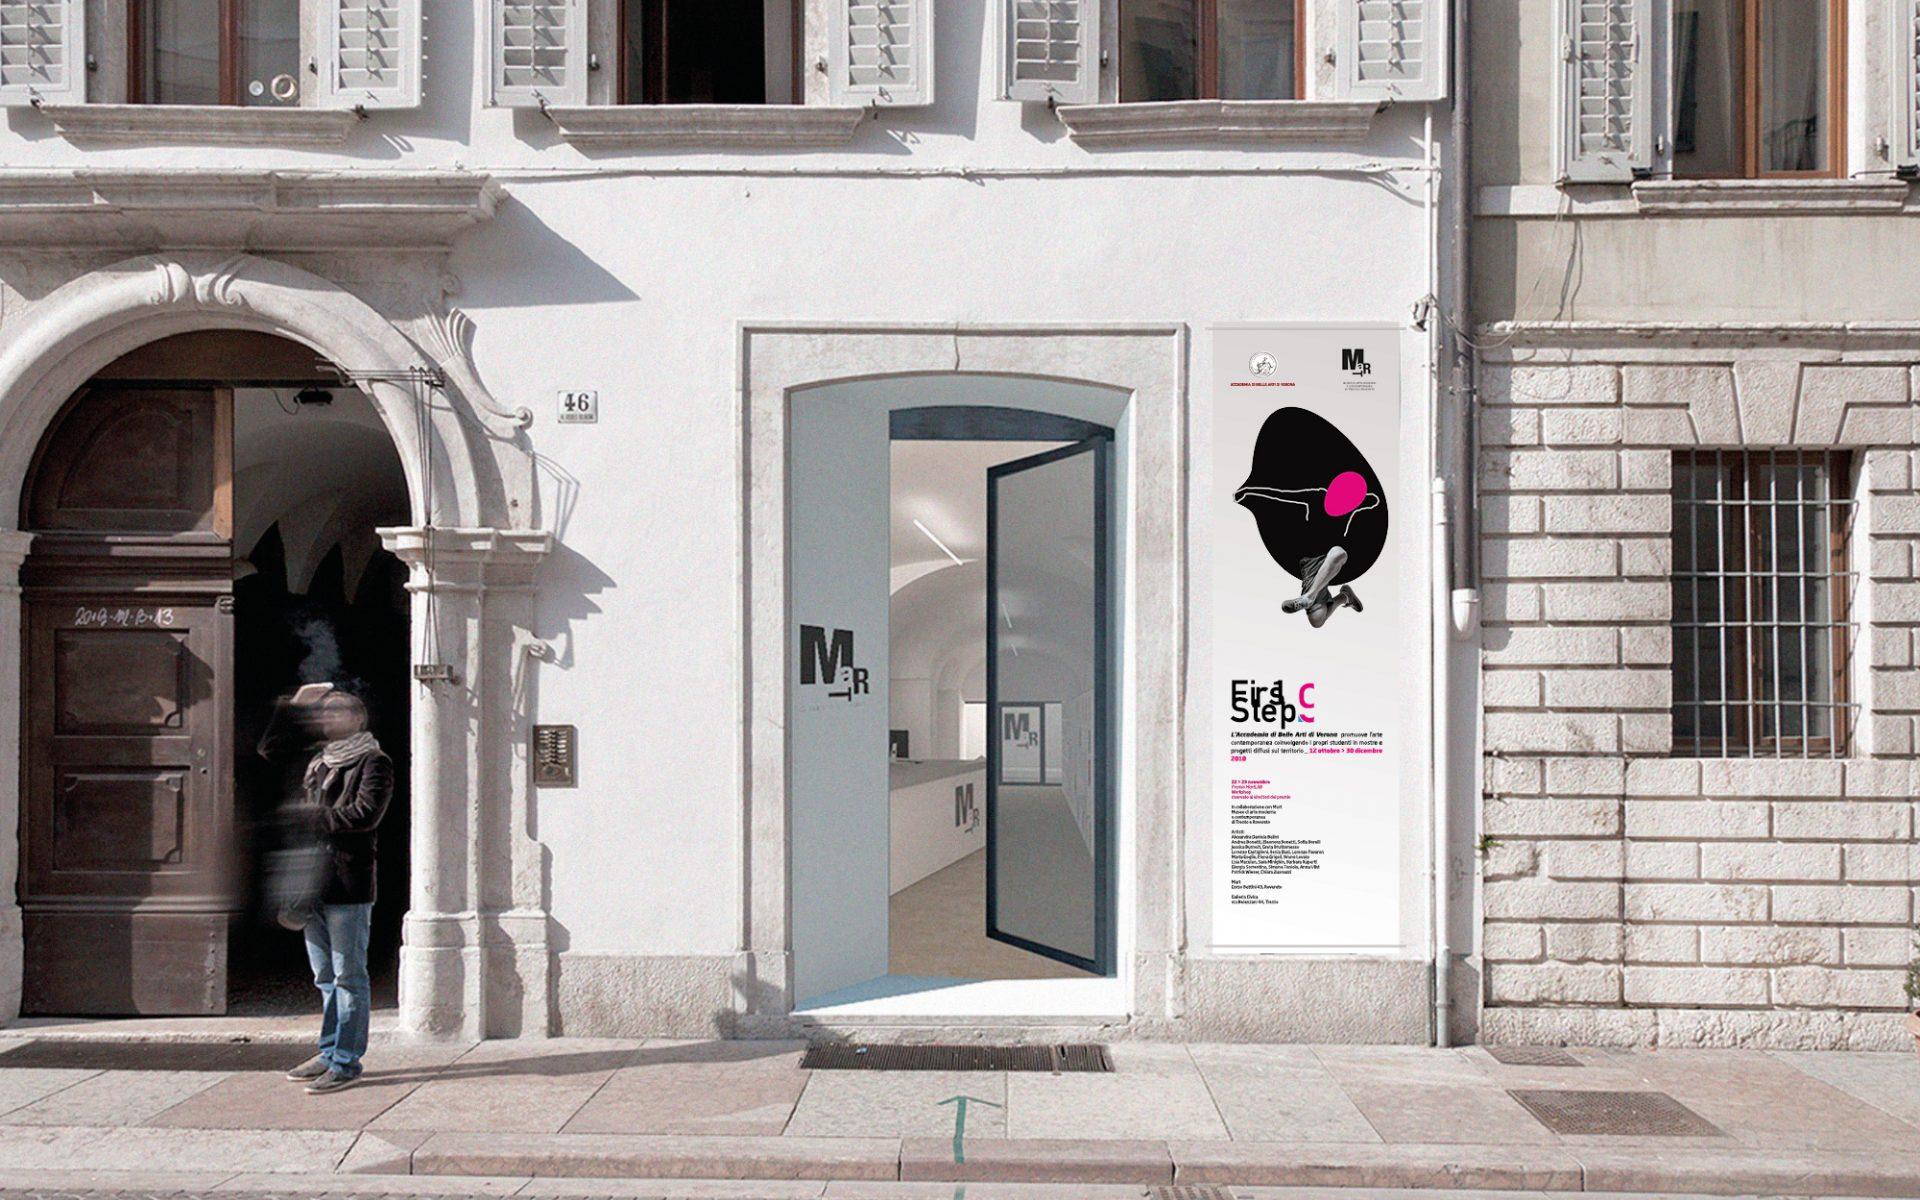 progetto per la segnaletica Firststep 9 di accademia Verona, in collaborazione con galleria Civica Trento. Progetto grafico della agenzia grafica Diadestudio di Arco Tn